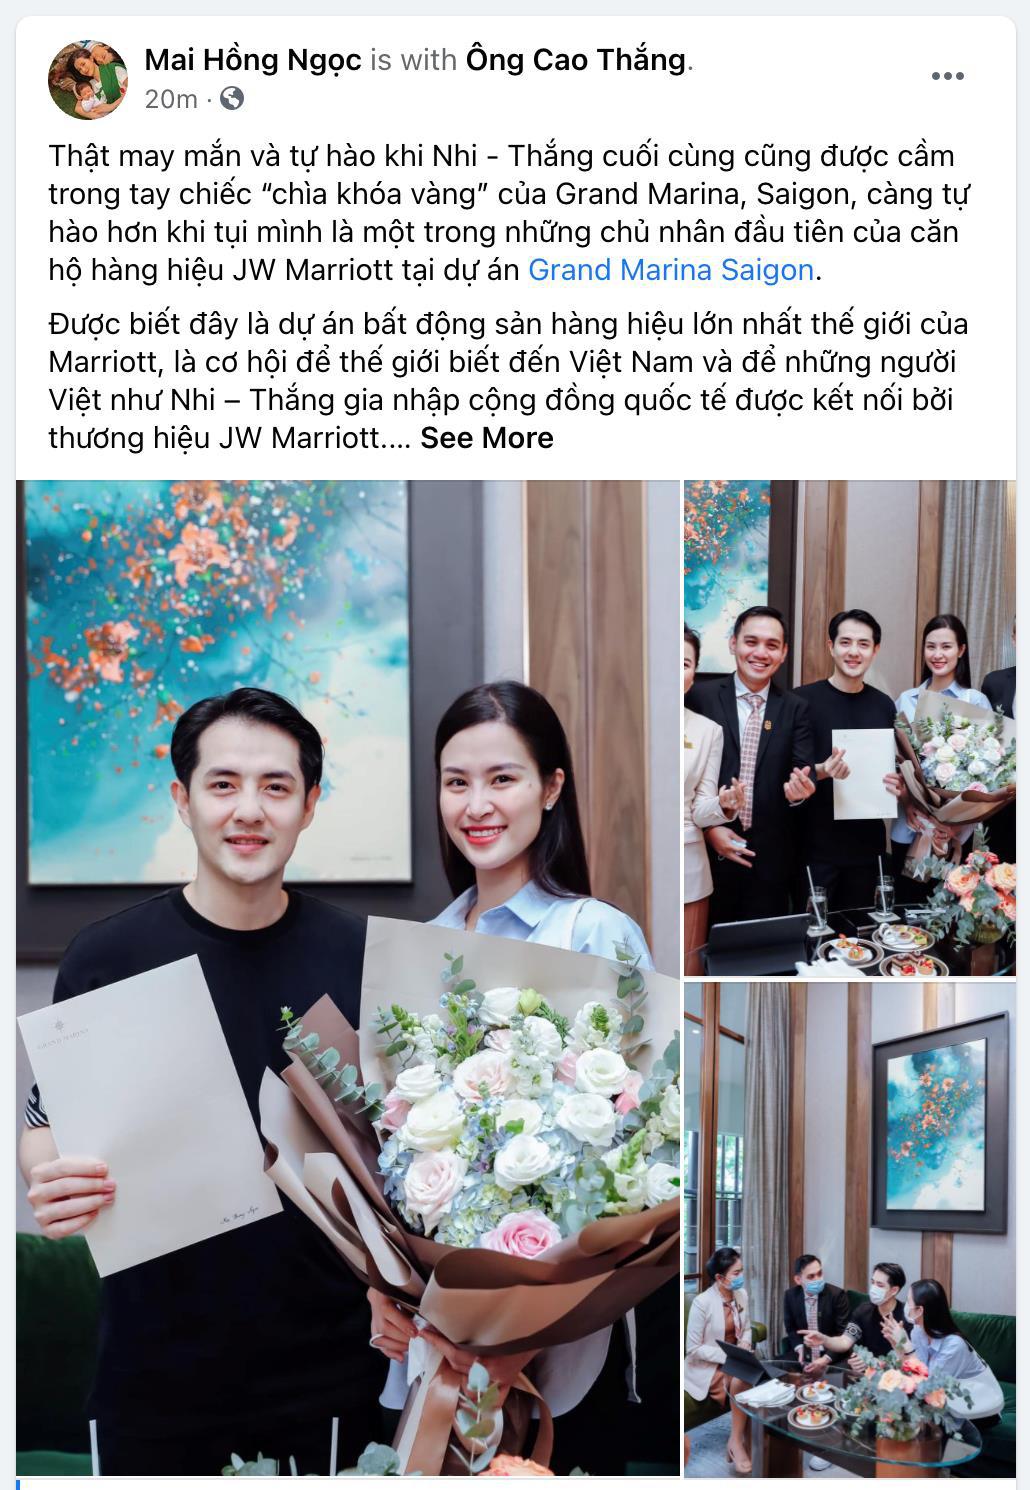 """Đông Nhi và Ông Cao Thắng """"sắm"""" căn hộ hàng hiệu JW Marriott giá trị triệu đô - Ảnh 2."""